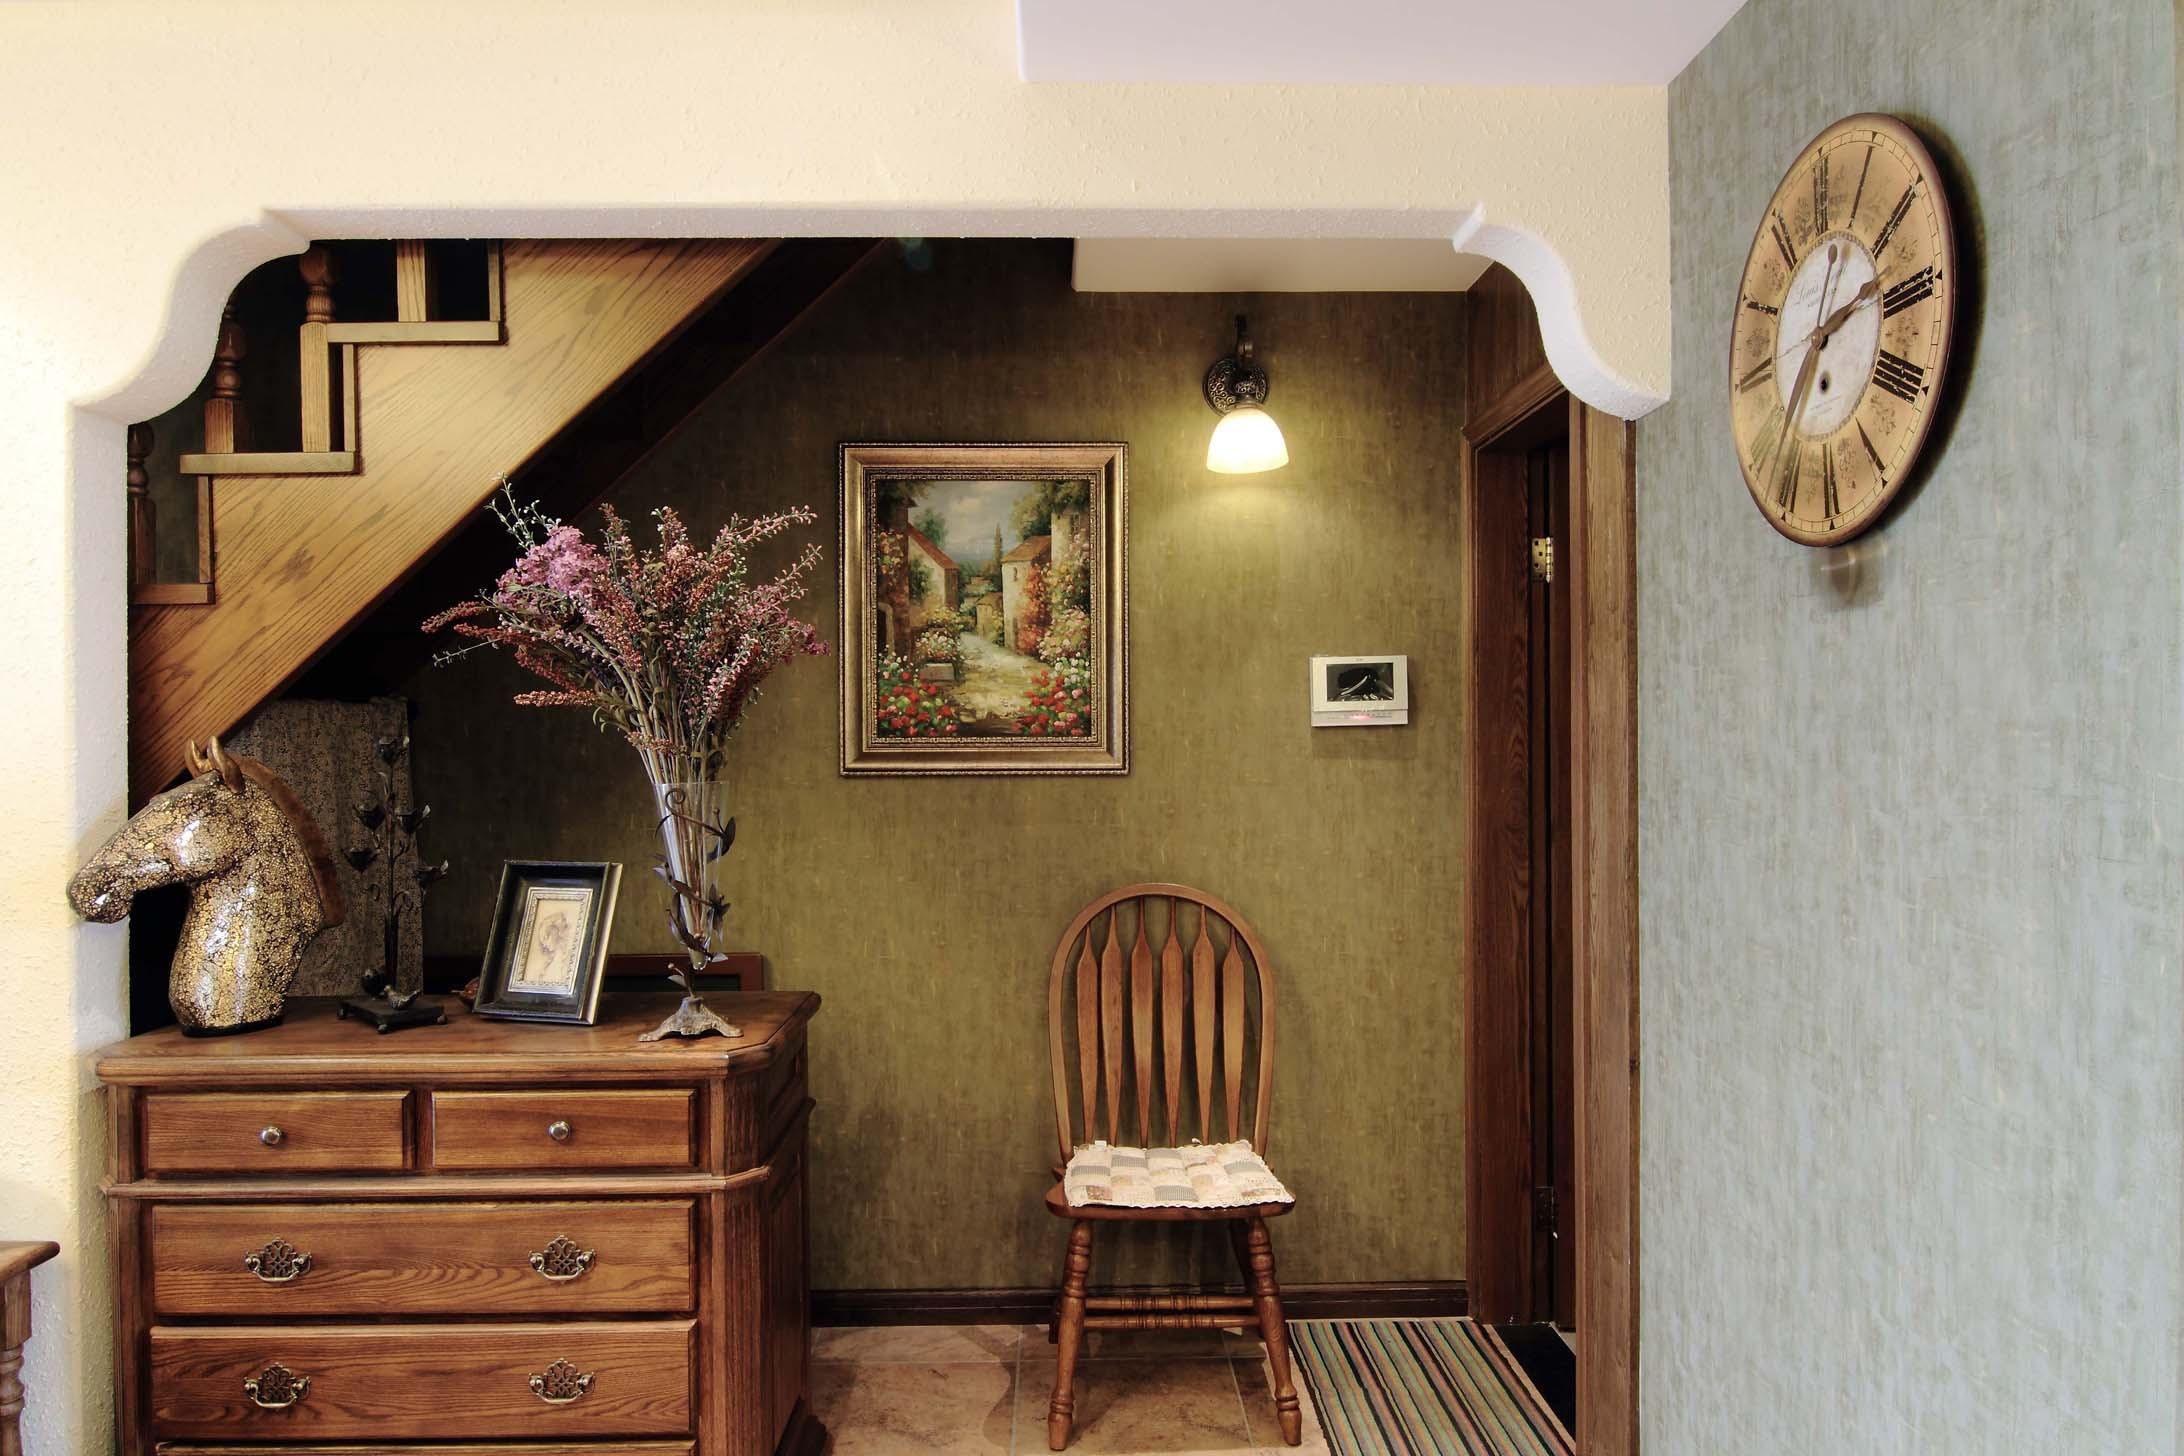 海悦蓝庭复式美式风格玄关装修效果图 1 10高清图片